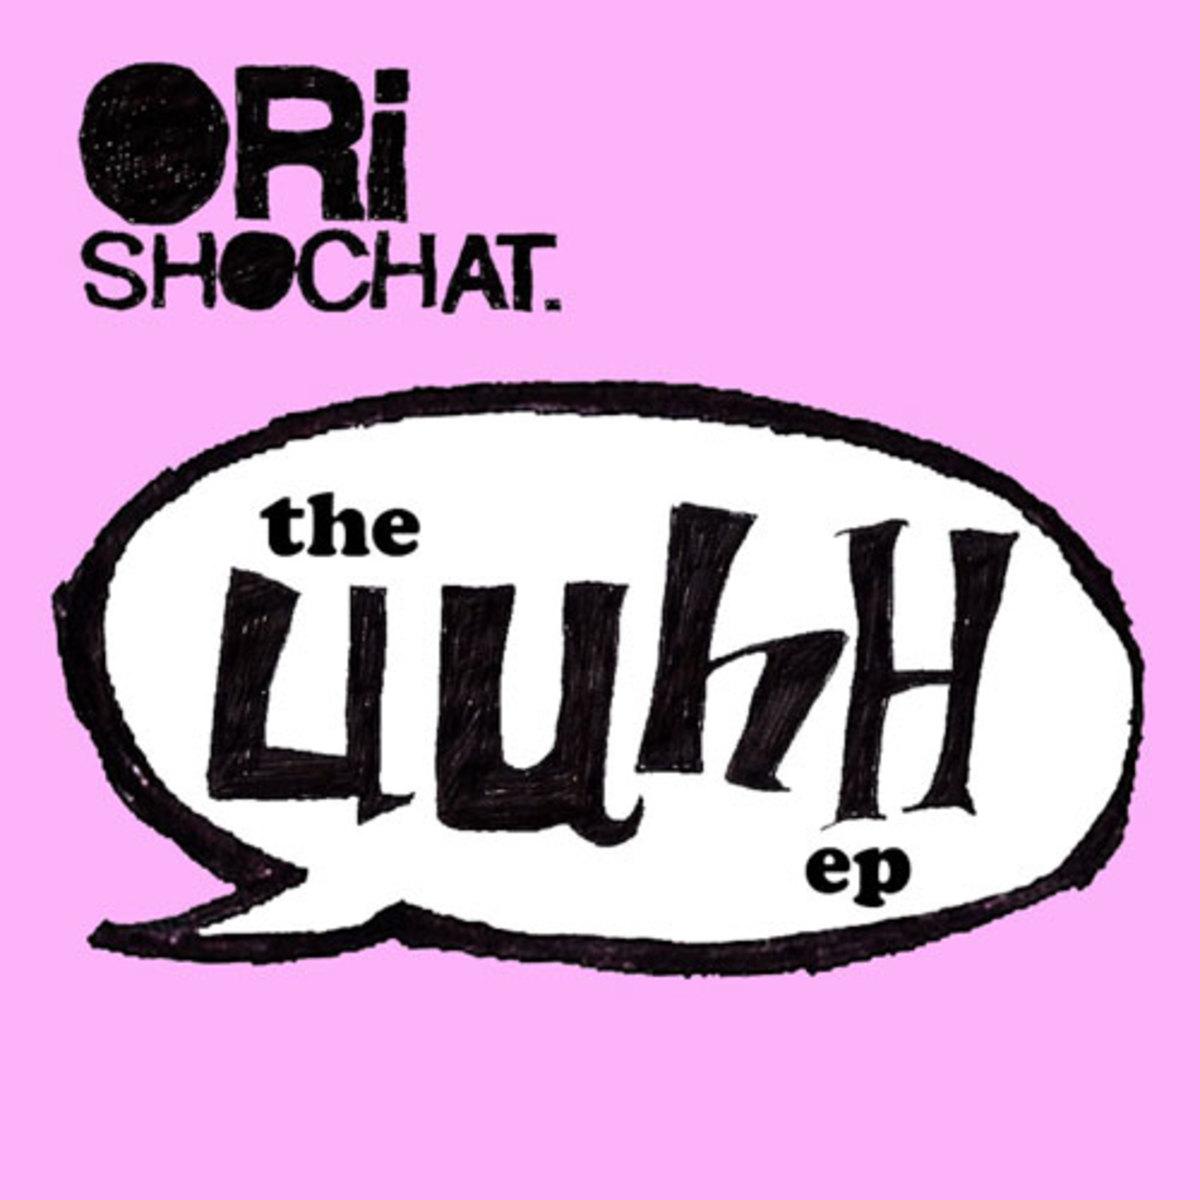 orishochat-uhh.jpg